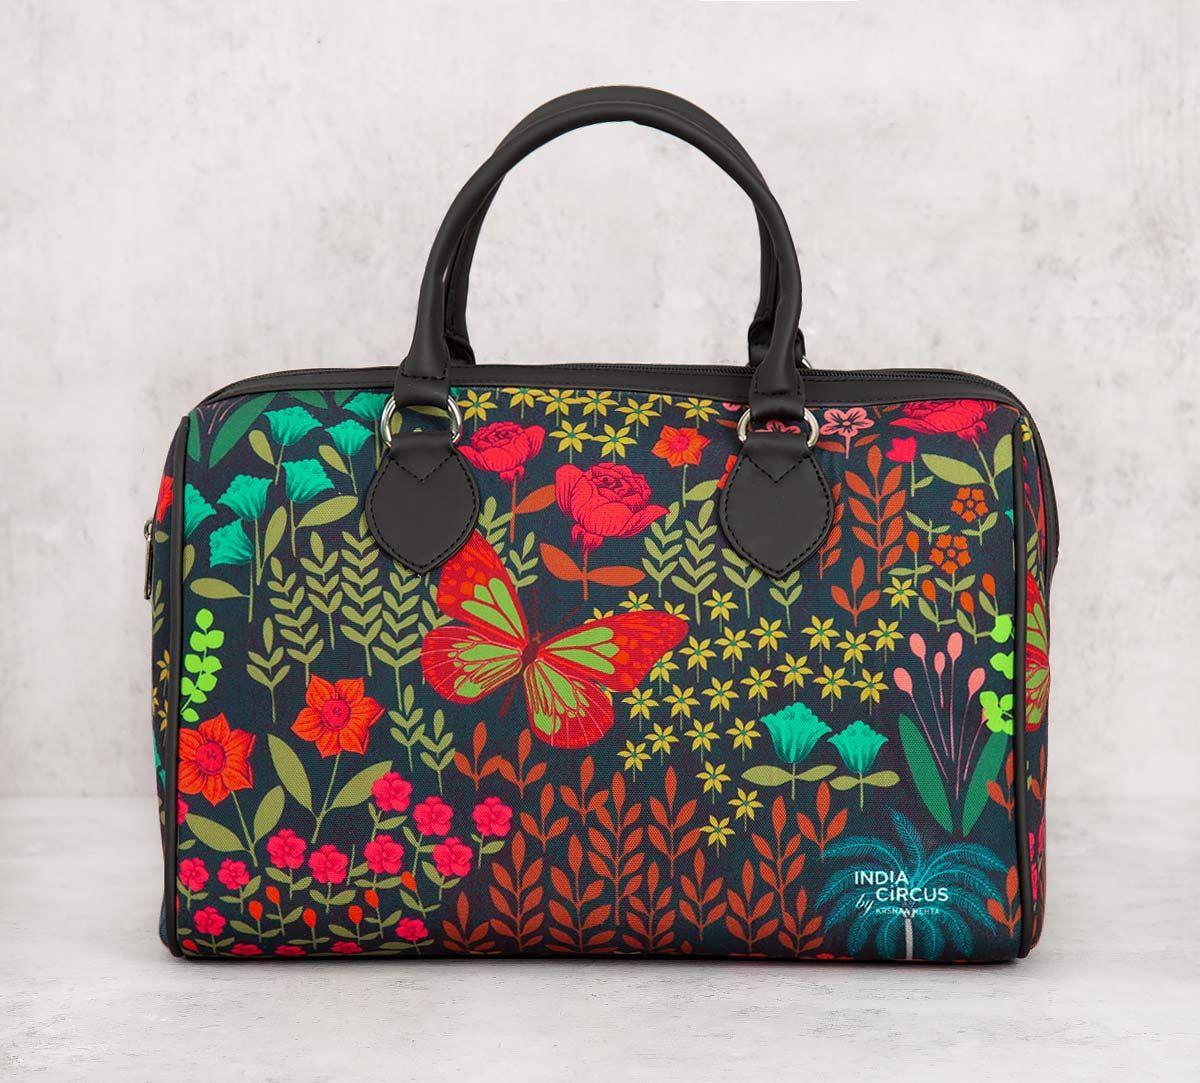 India Circus Mimosa Florals Duffle Bag